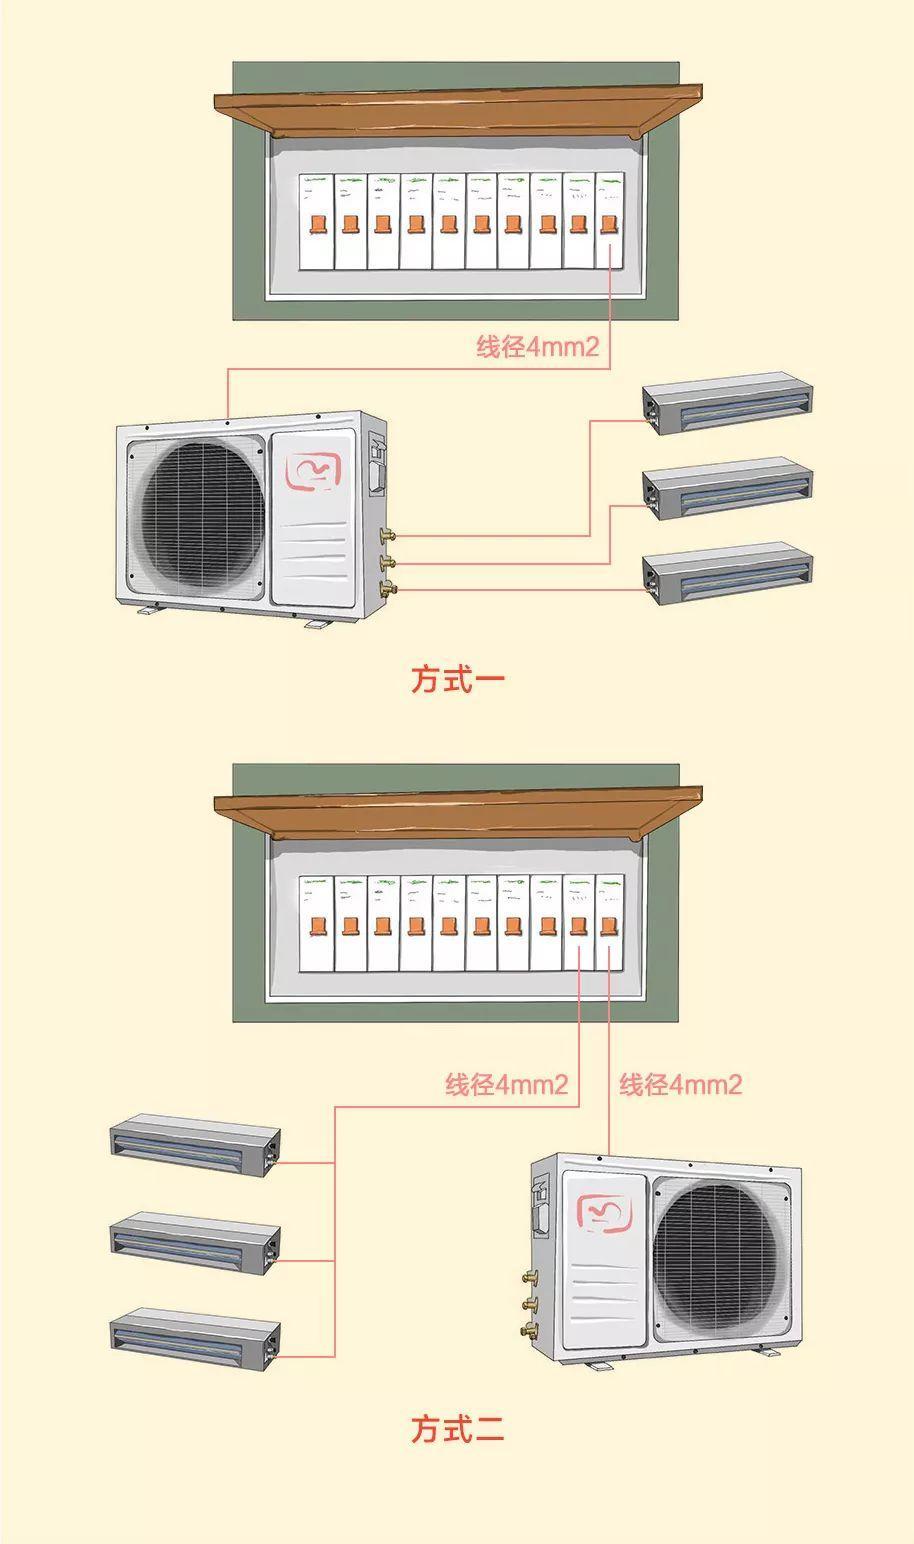 故障的部分——电路知识 先从生僻词汇开始:强电箱,弱电箱,空气开关